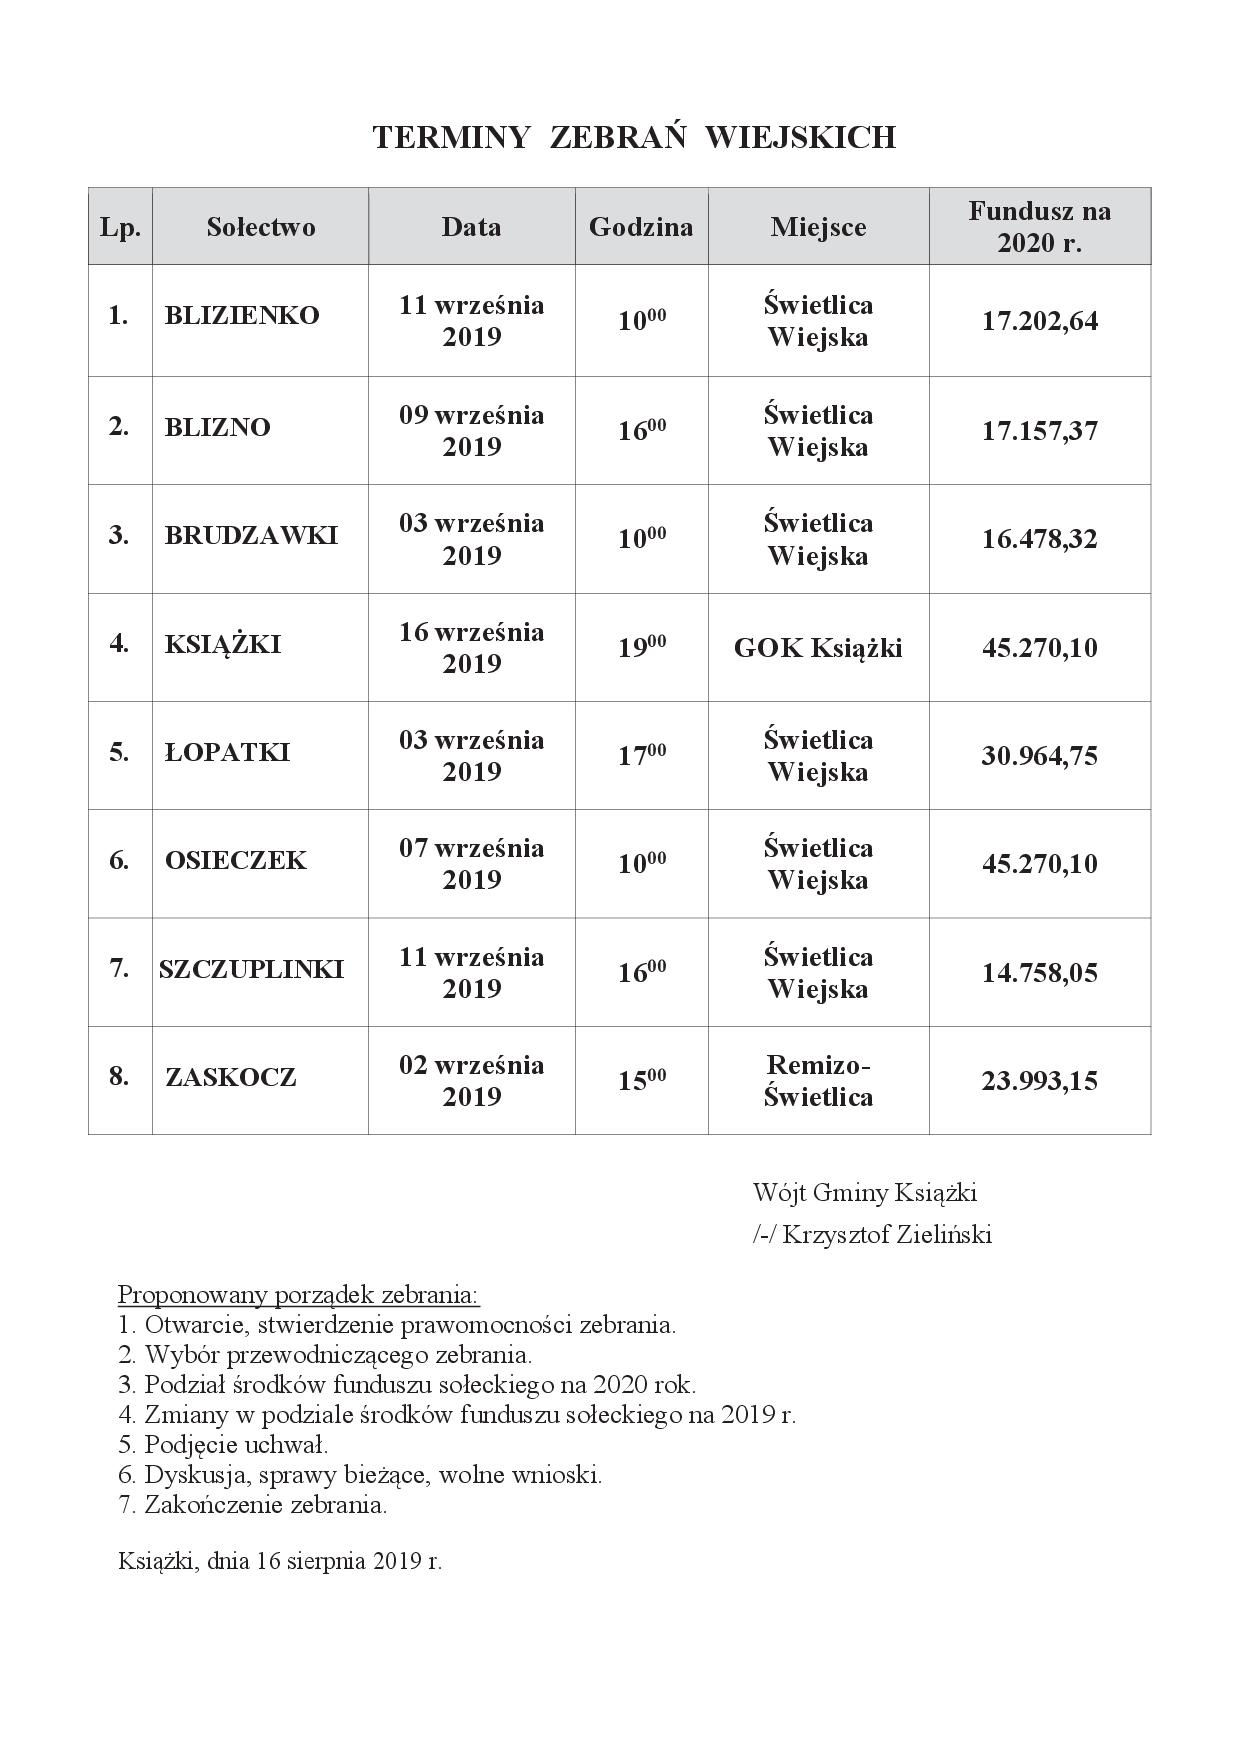 ZEBRANIA i fundusz - wrzesień 2019.pdf